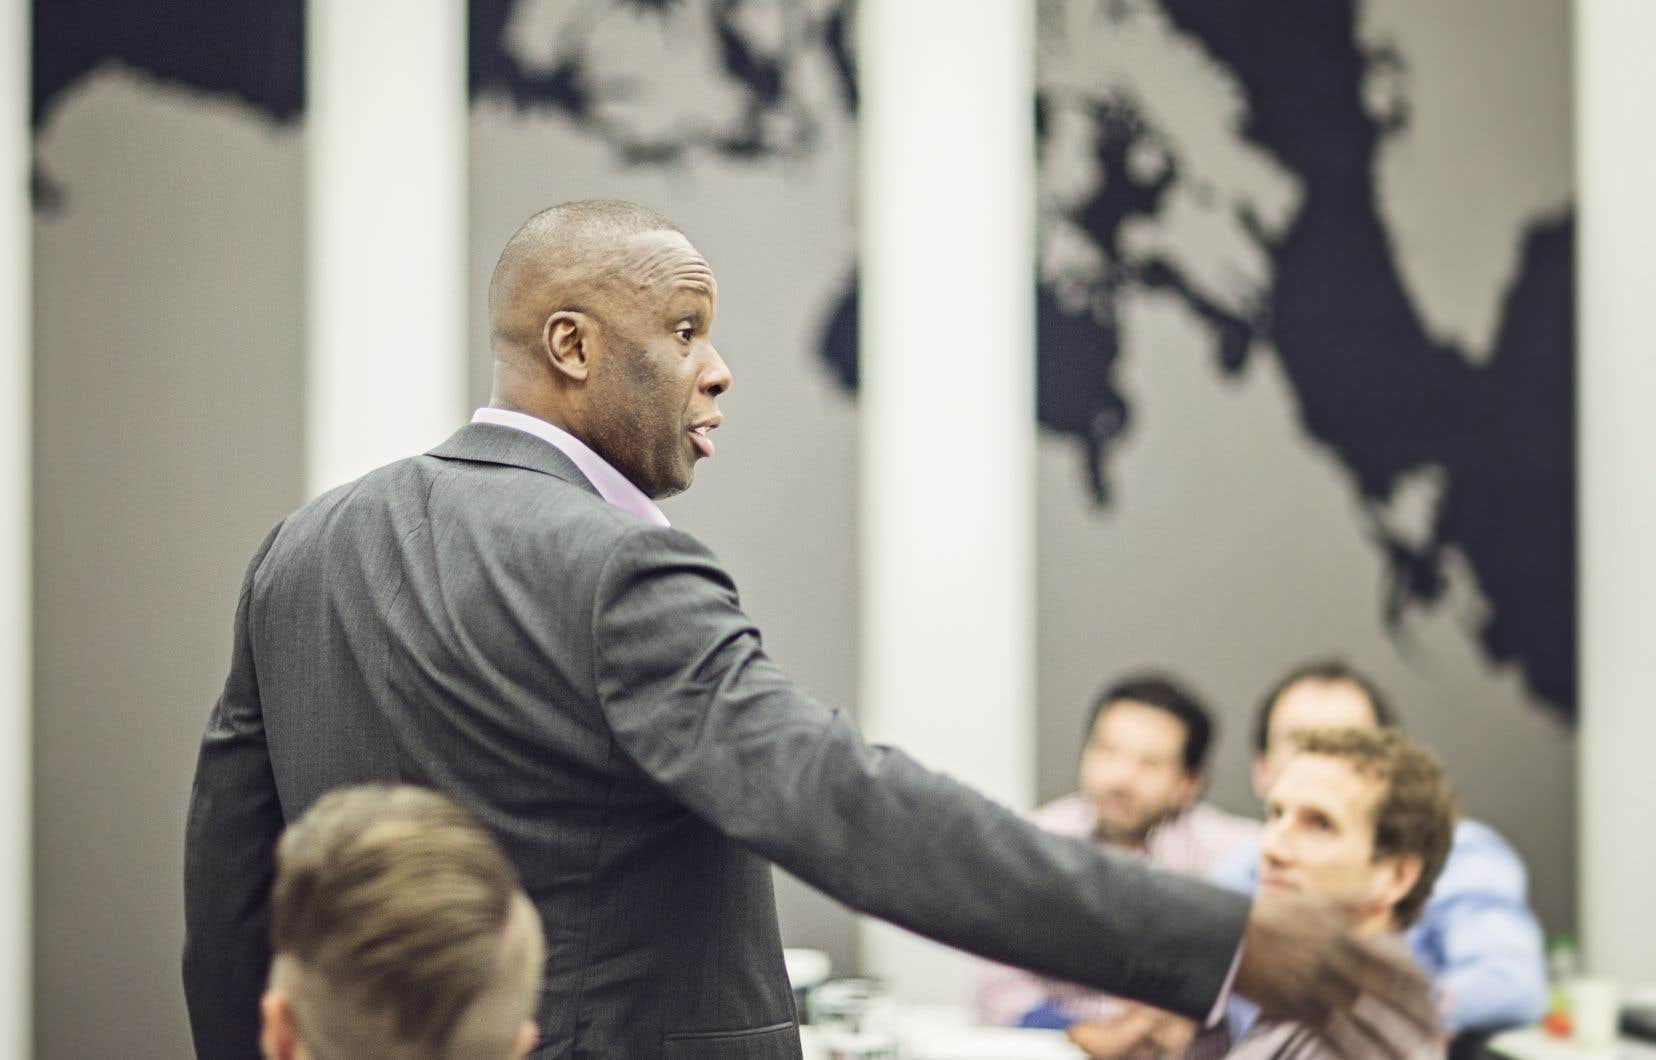 Olympien, entrepreneur et conférencier, Bruny Surinfait partie des personnalités déjà invitées par l'Institut de leadership en gestion.